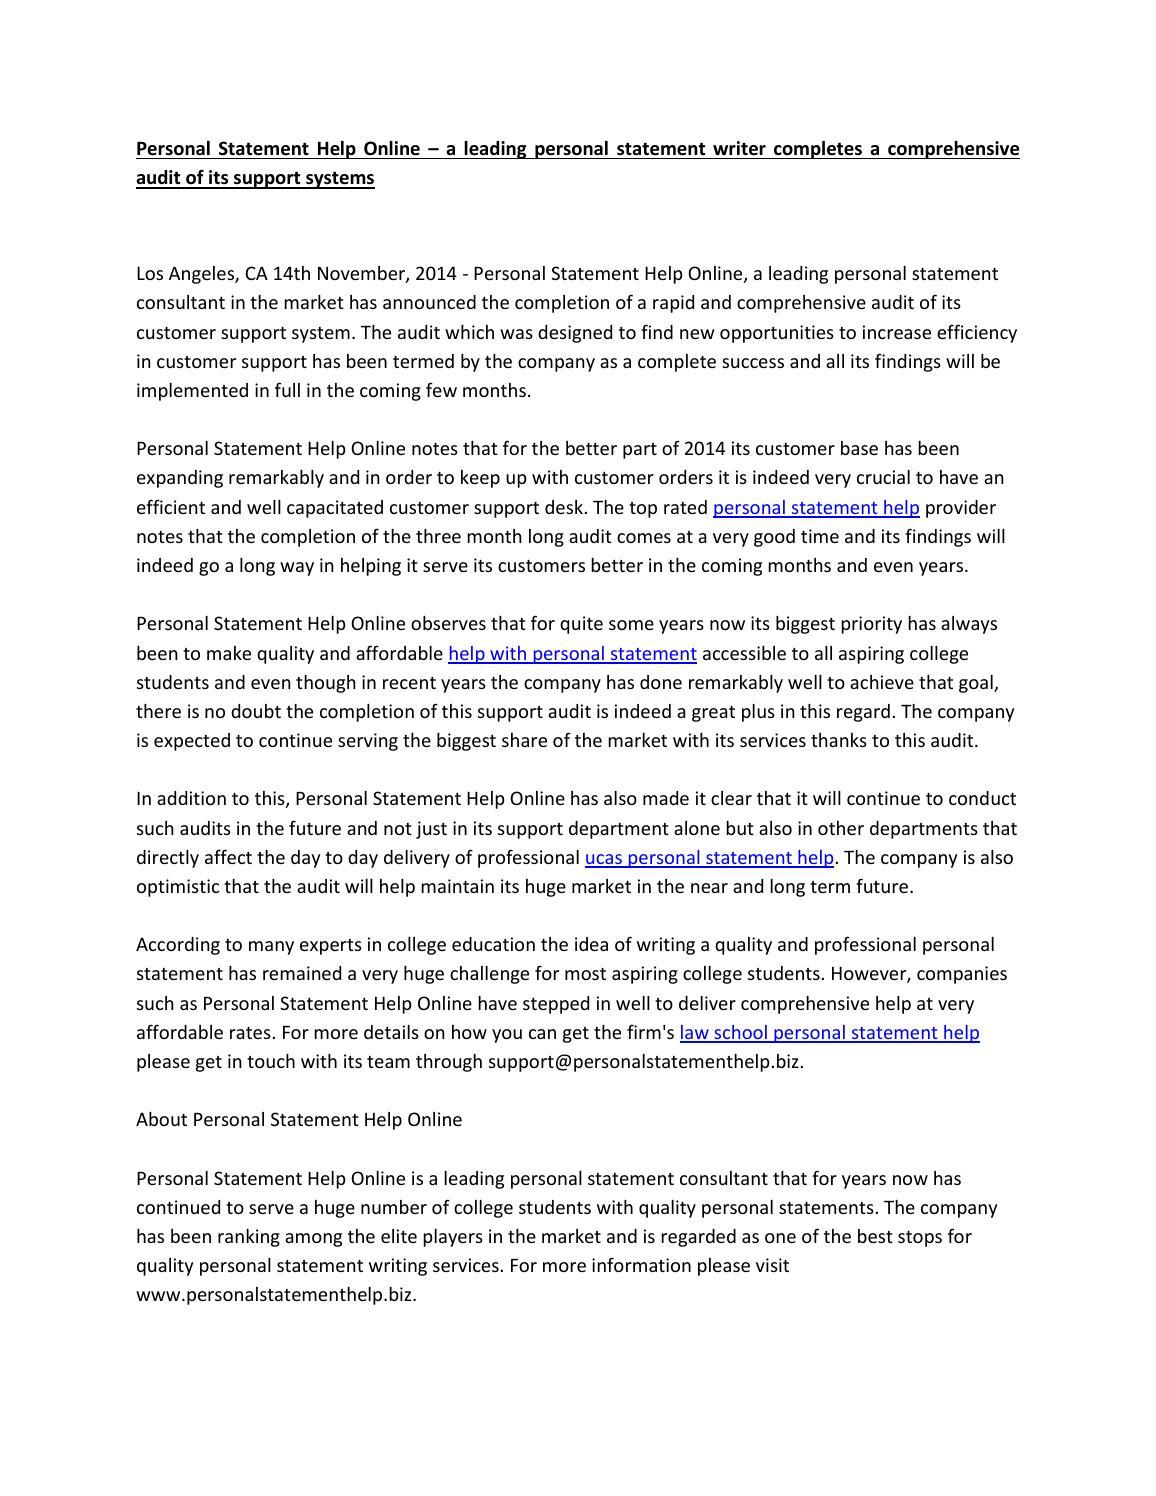 Personal statement help online